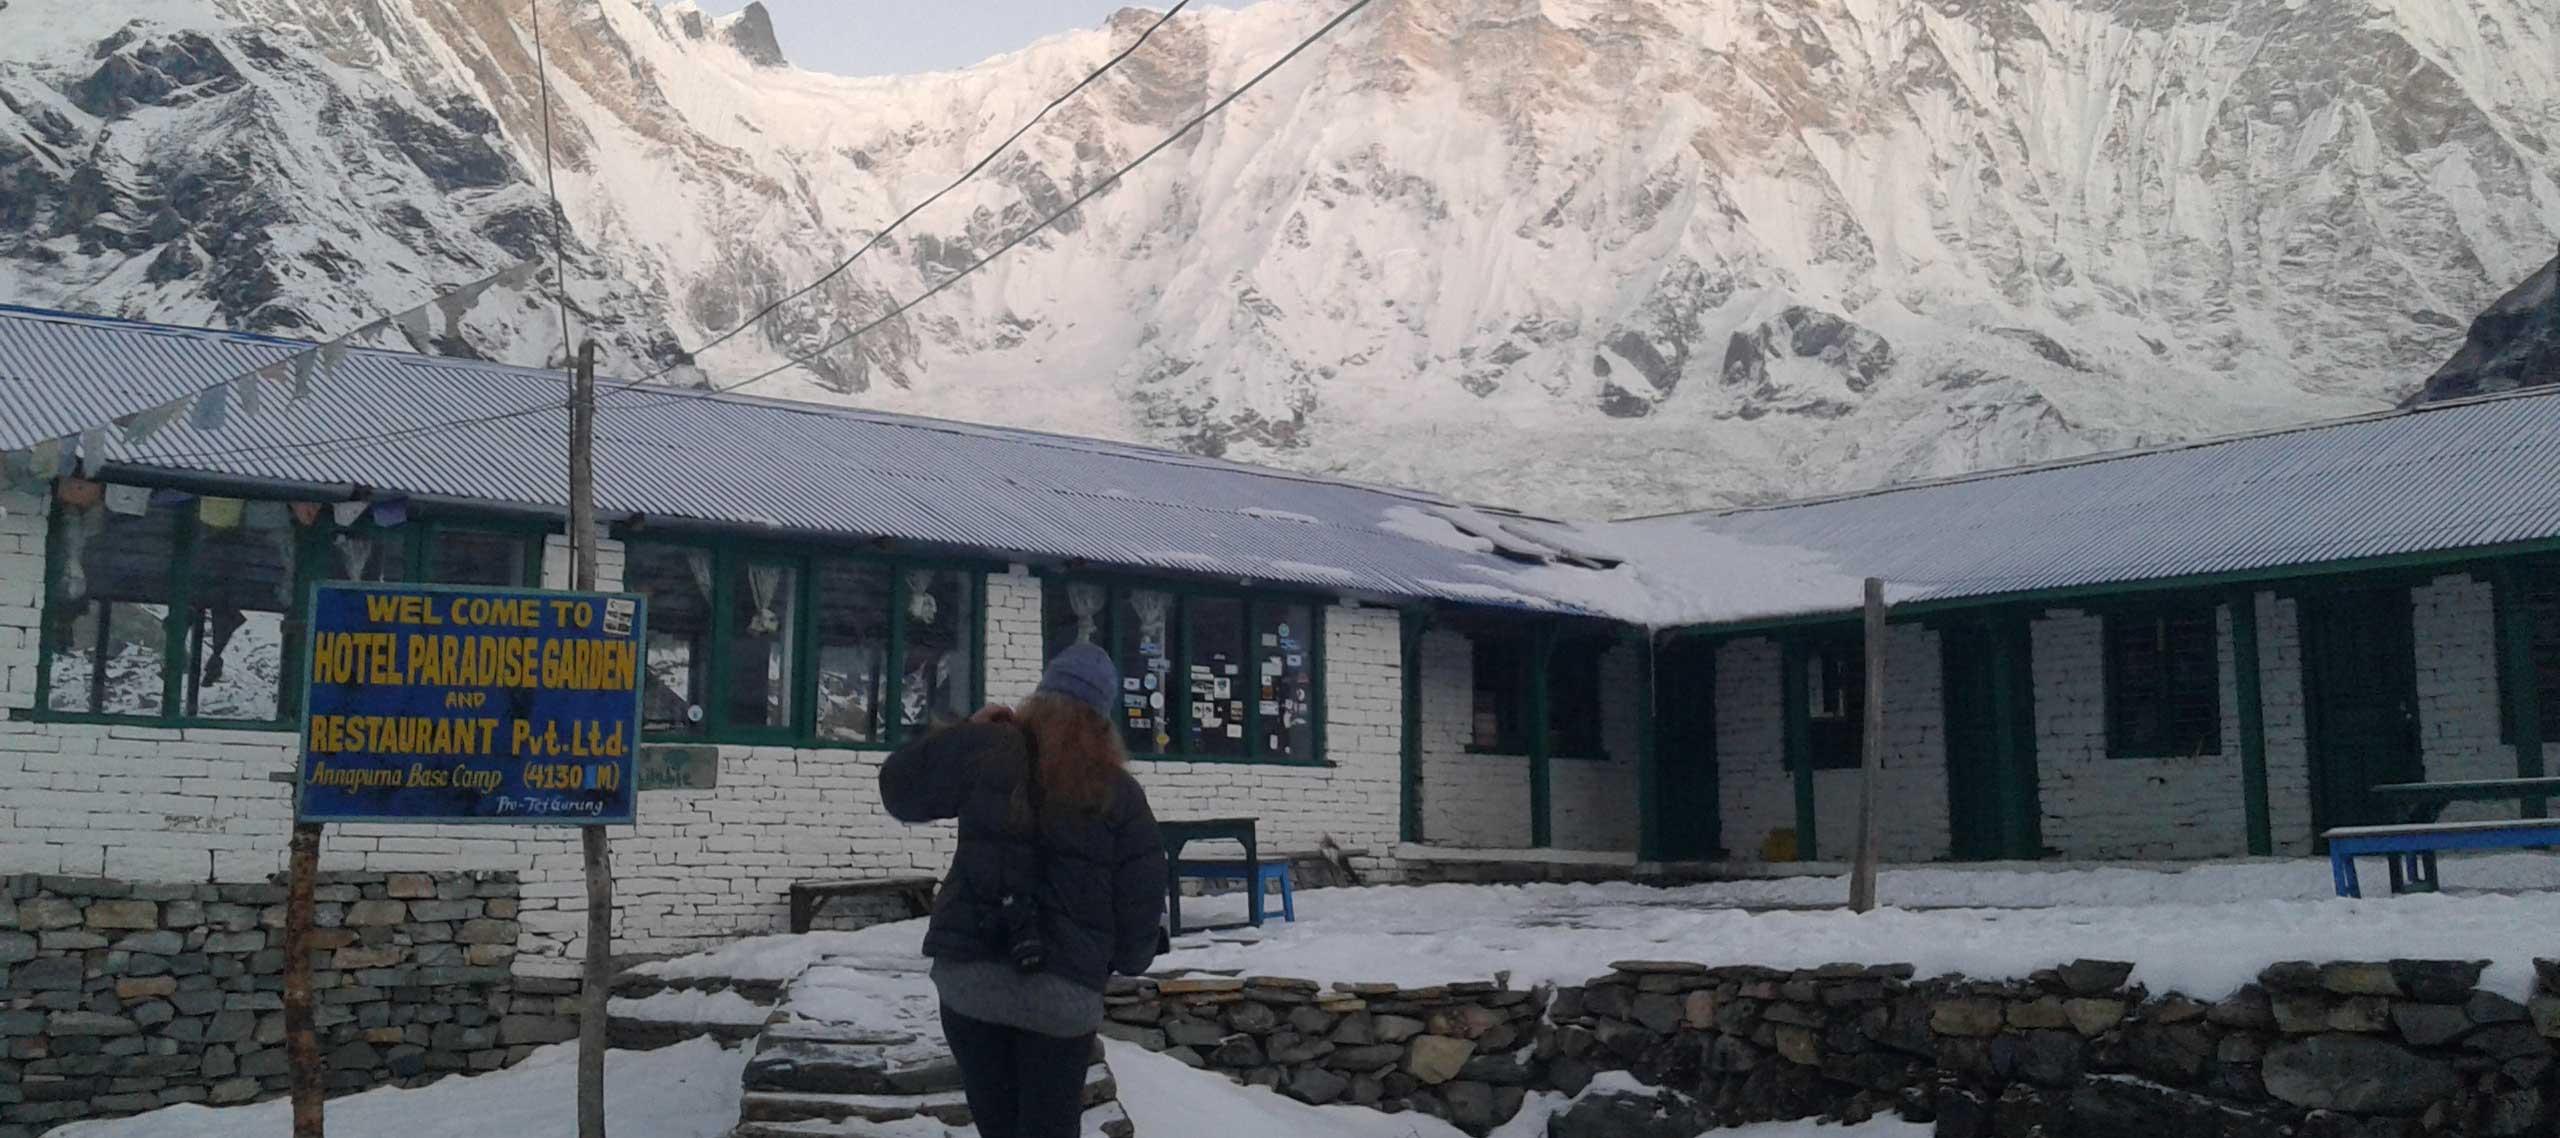 Hotels in Annapurna Base Camp